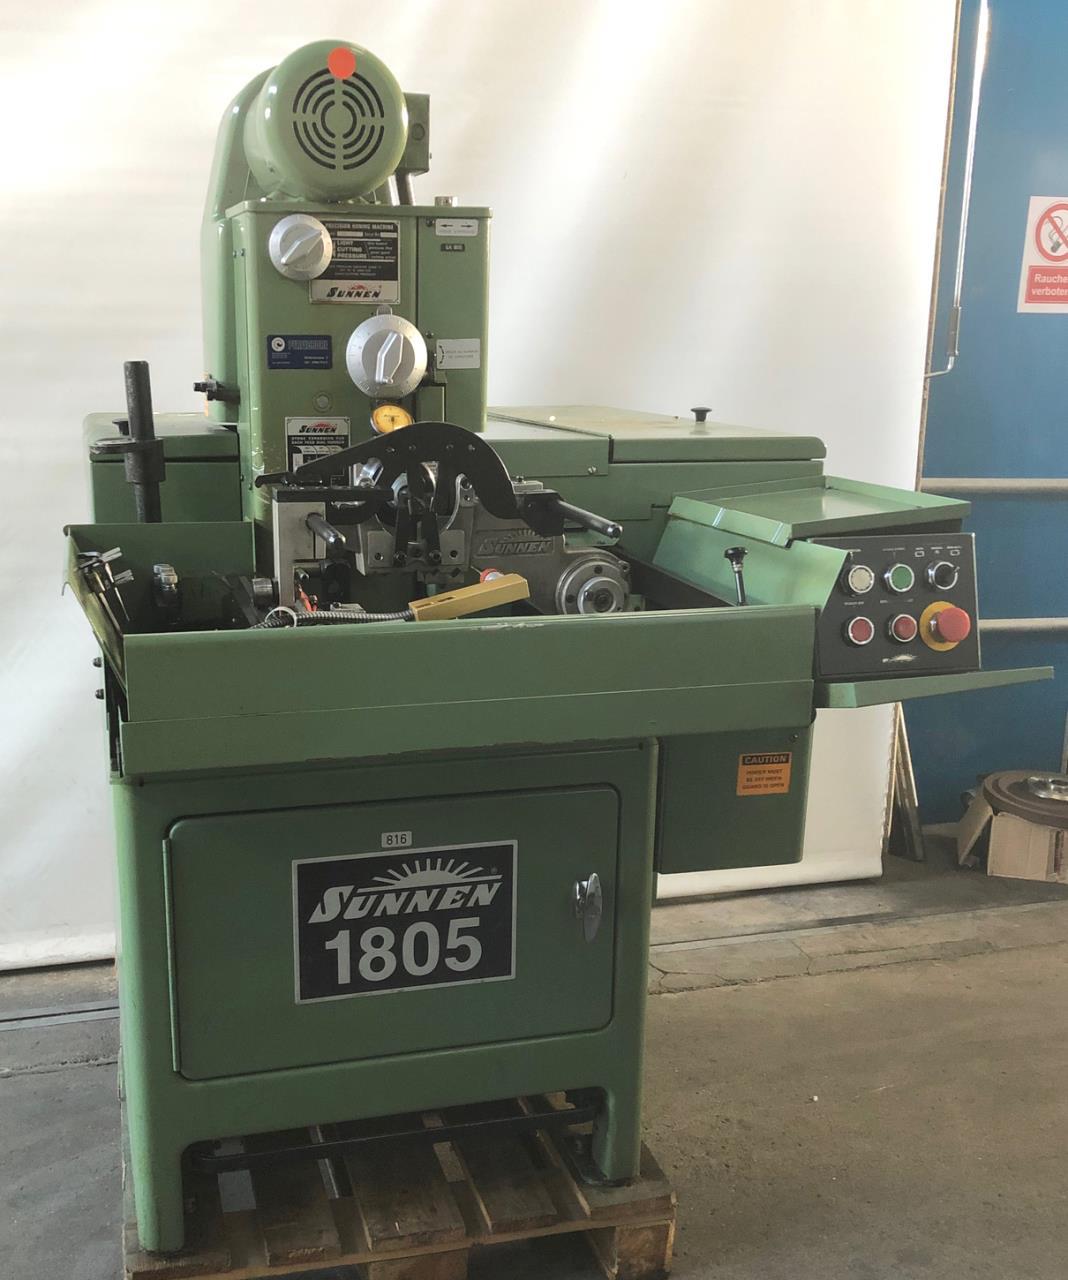 SUNNEN MBC-1805二手珩磨机进口洛阳的关税